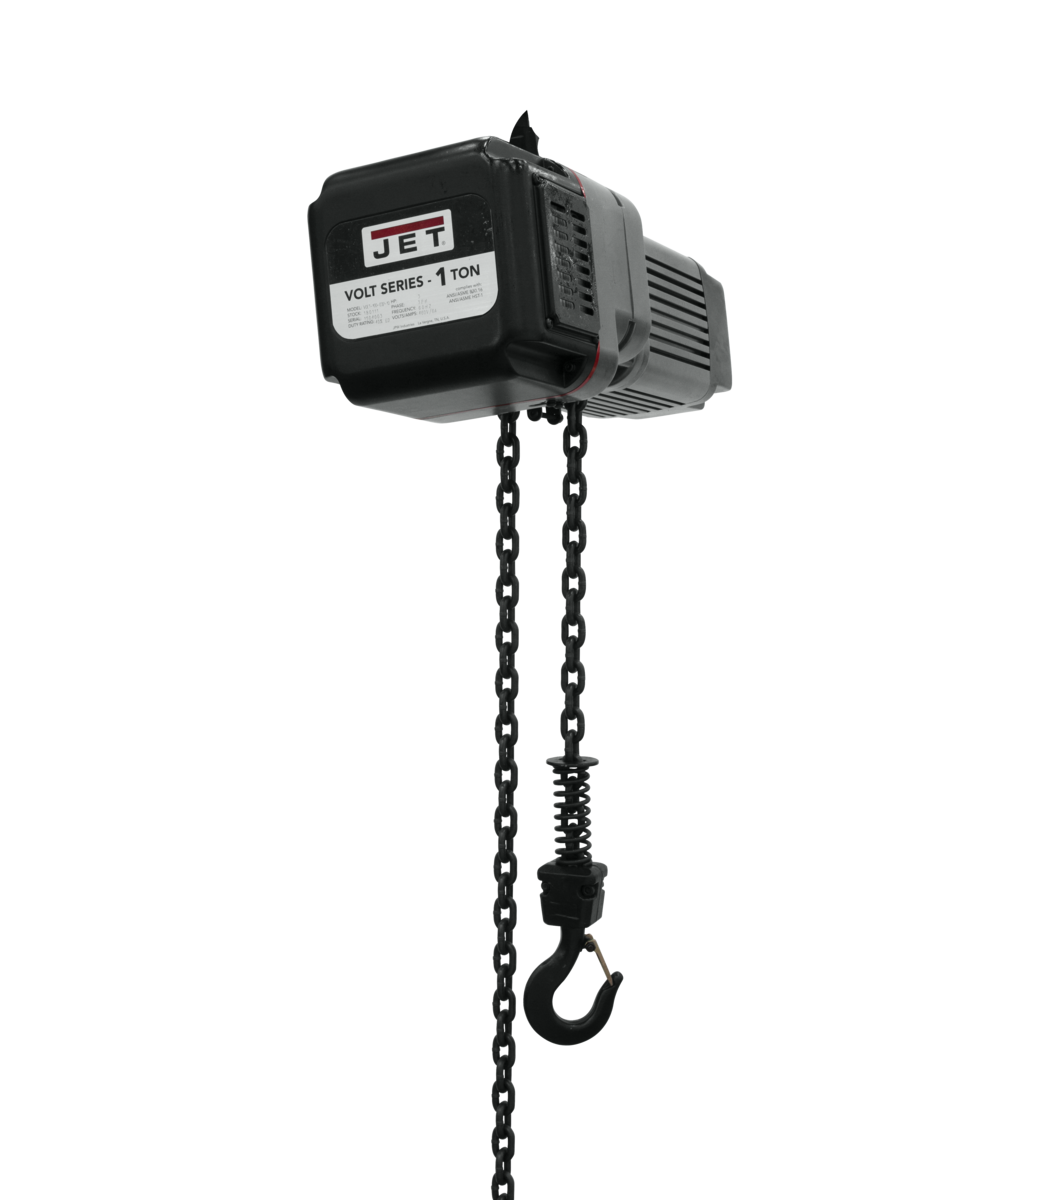 VOLT 1T VARIABLE-SPEED ELECTRIC HOIST 1PH/3PH 230V 10' LIFT